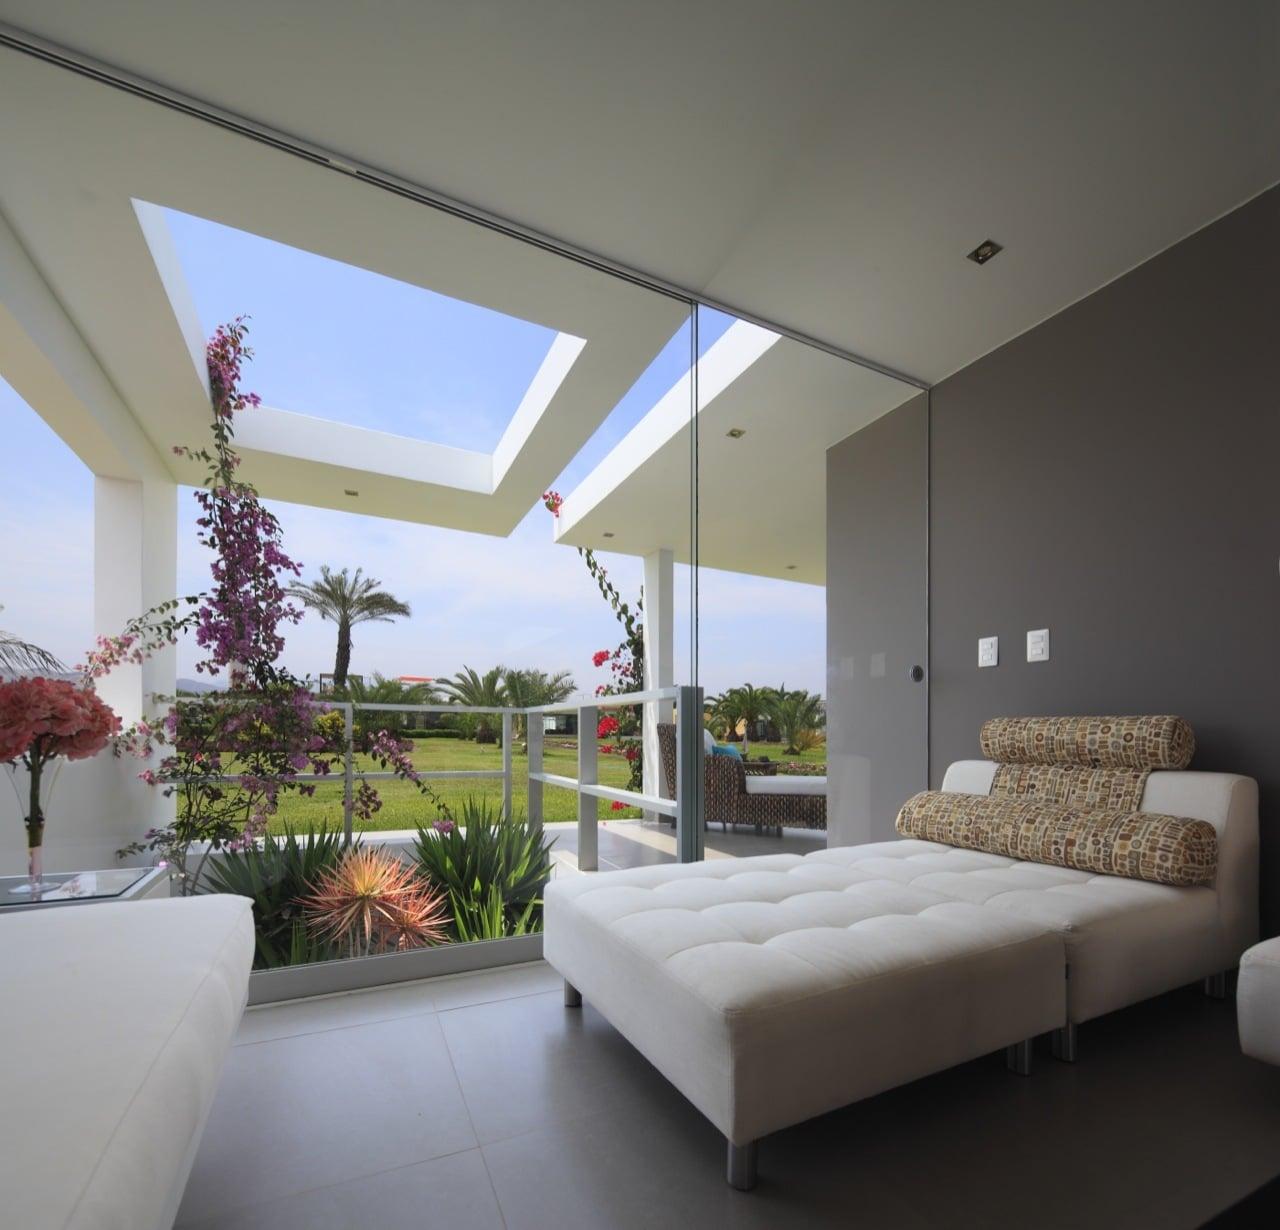 Dise o de casa de una planta con s tano y terraza piscina for Modelos de casas con terrazas modernas